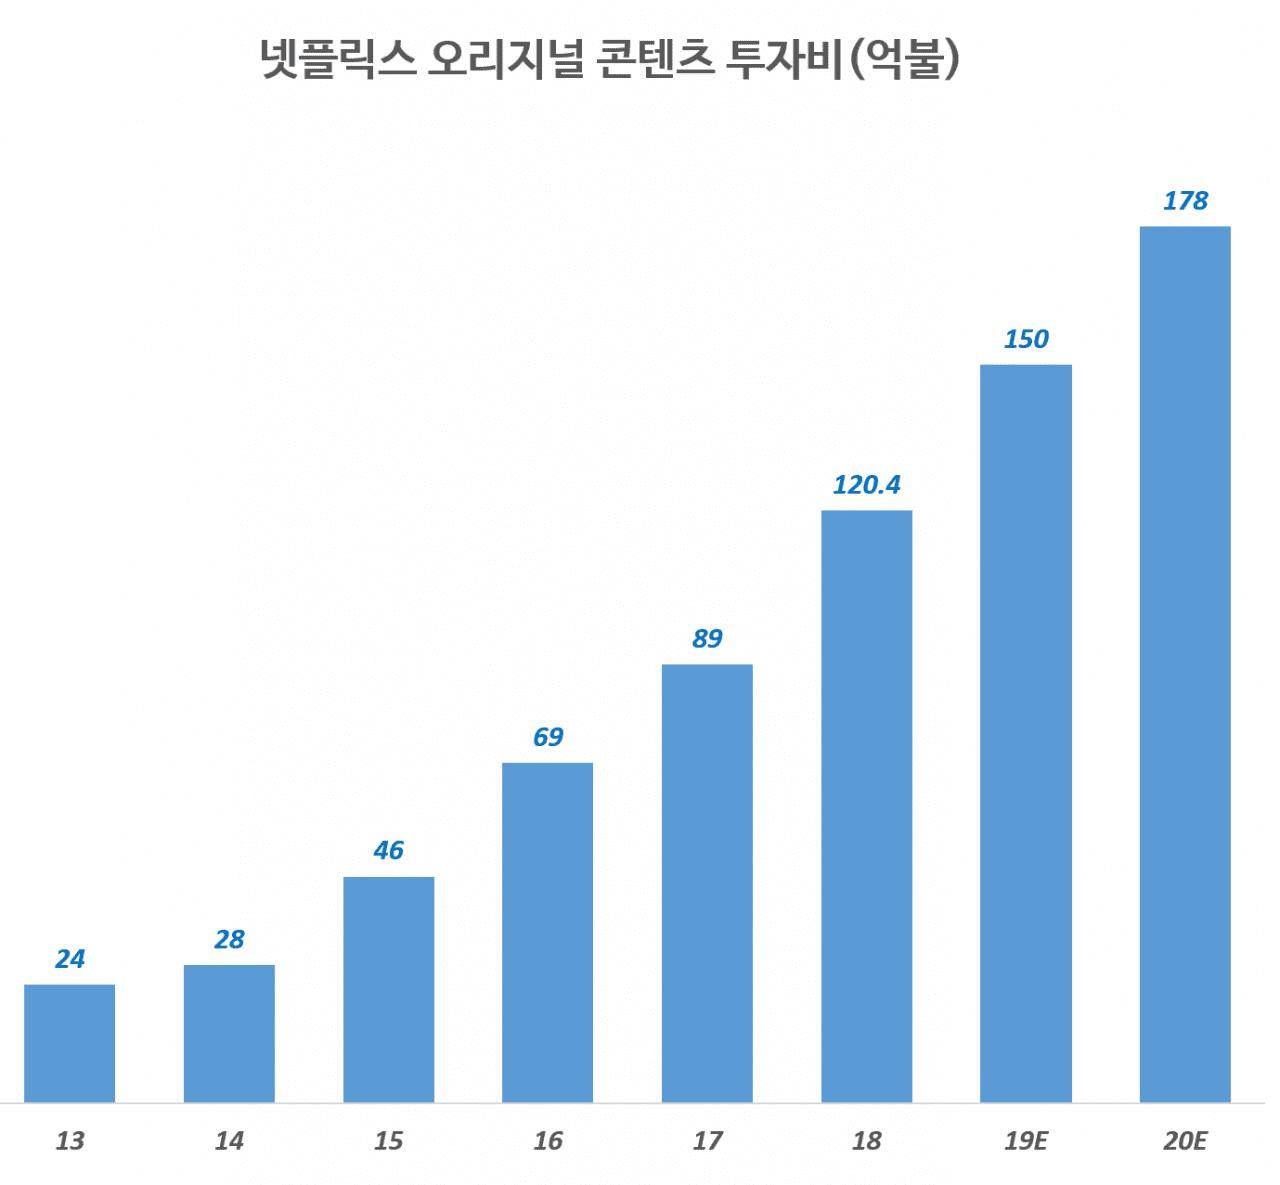 넷플릭스 연도별 오리지널 콘텐츠 투자비 실적 및 전망(2013년 ~ 2020년), Graph by Happ